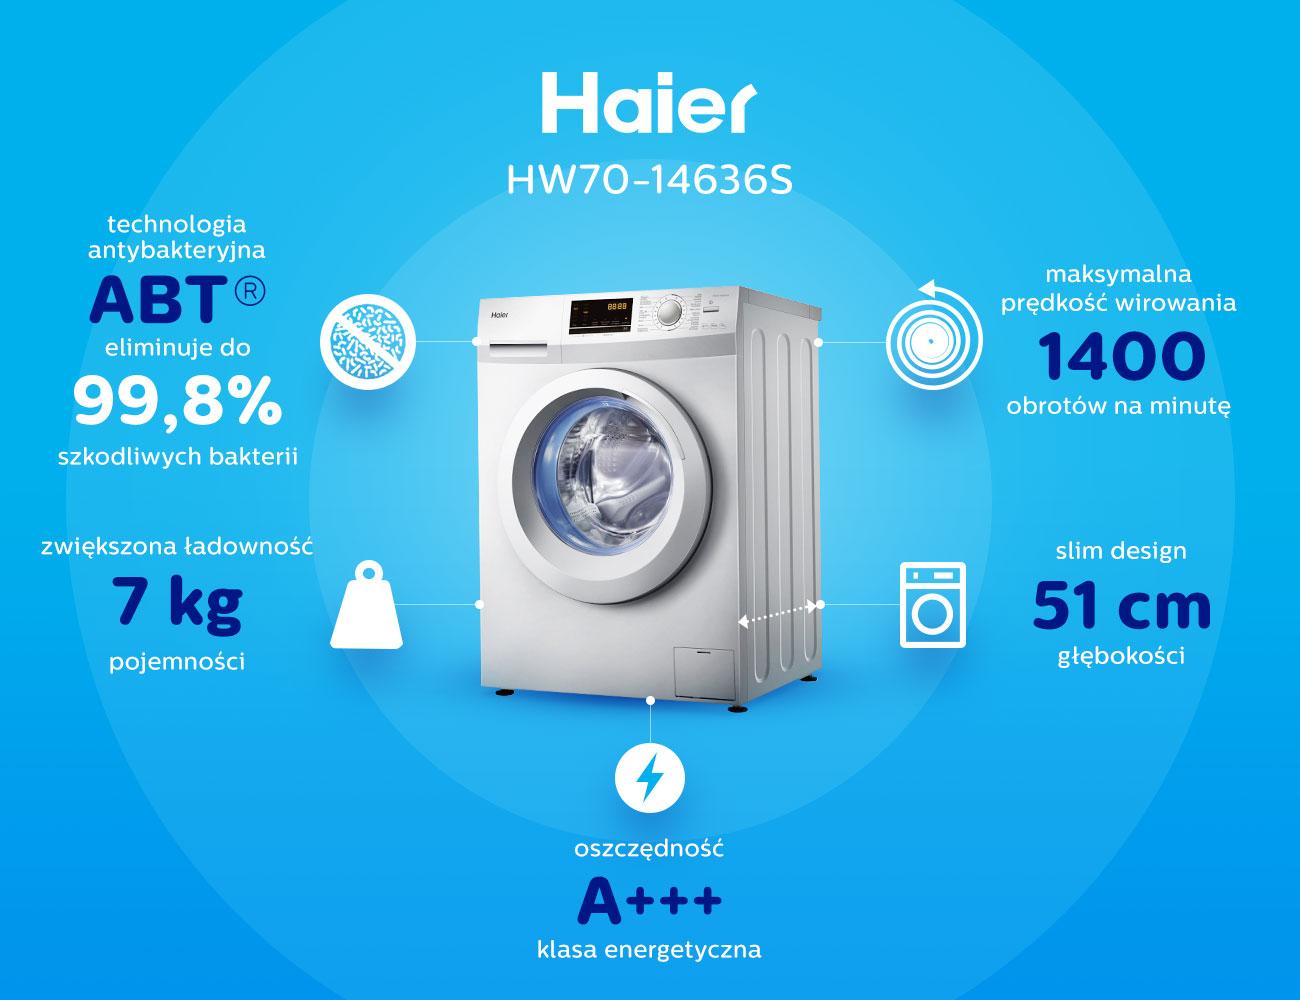 Unikalne technologie w Haier HW70-14636S